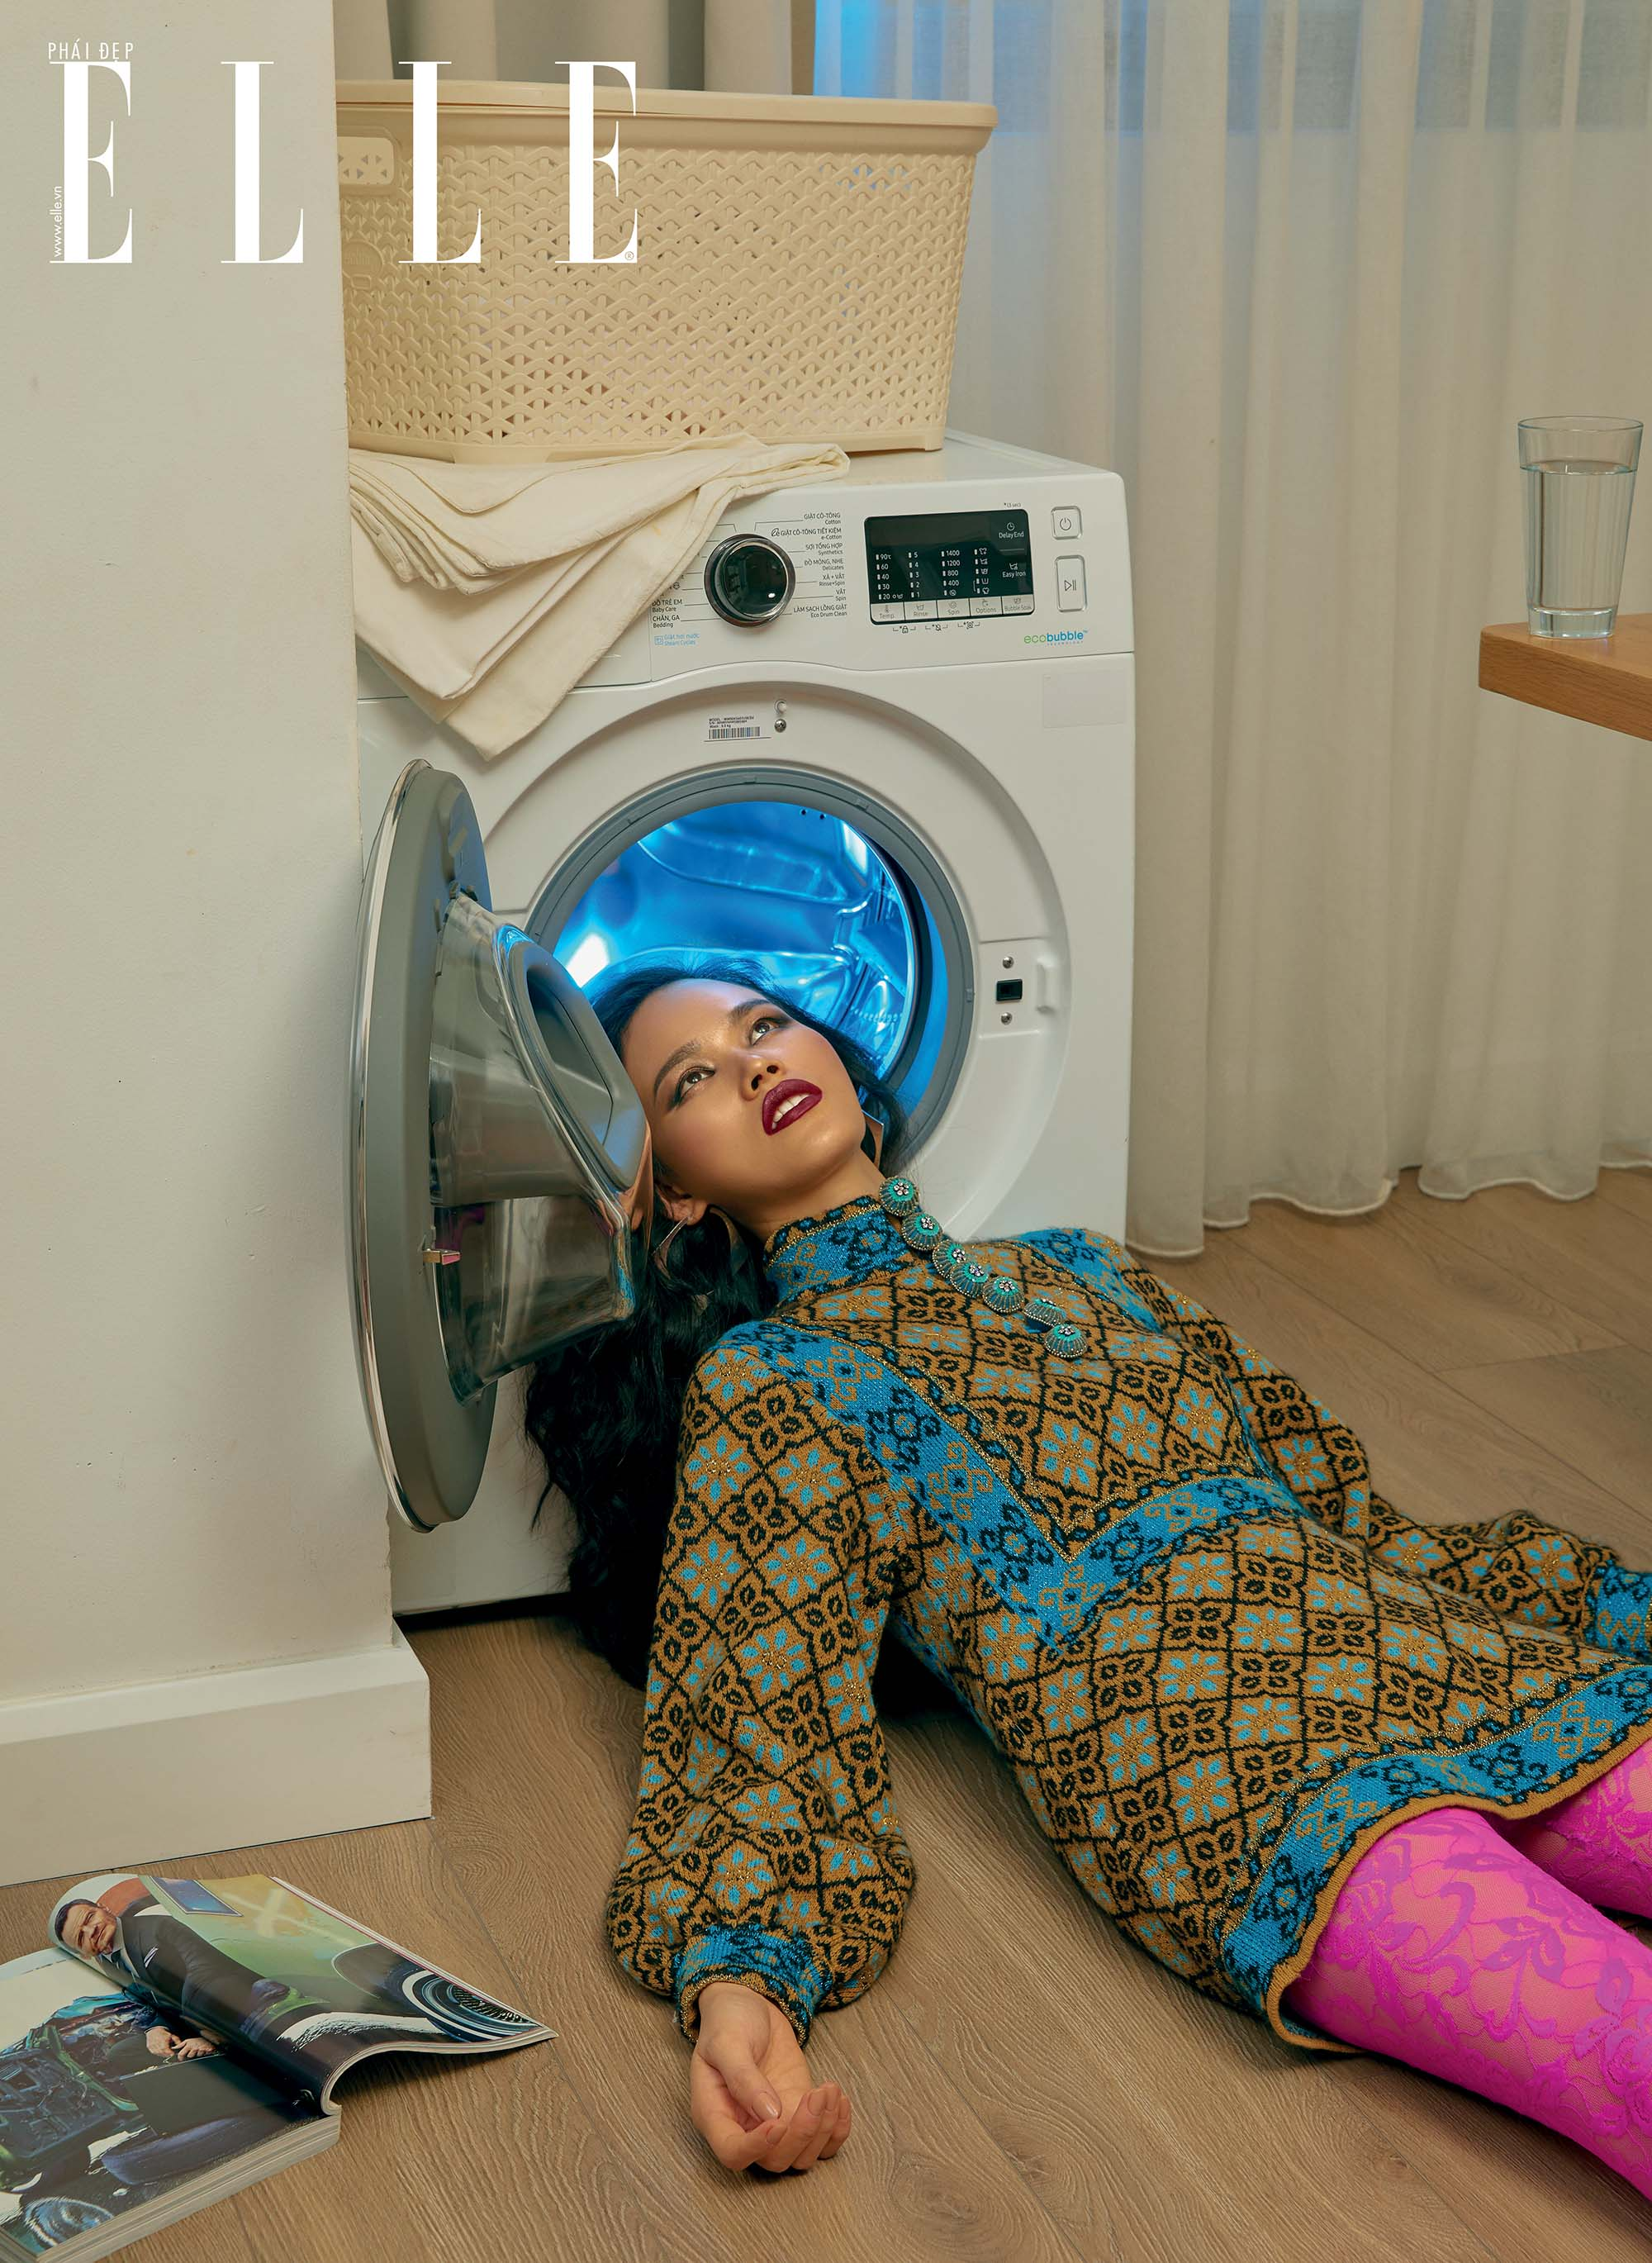 bộ ảnh tạo dáng với máy giặt